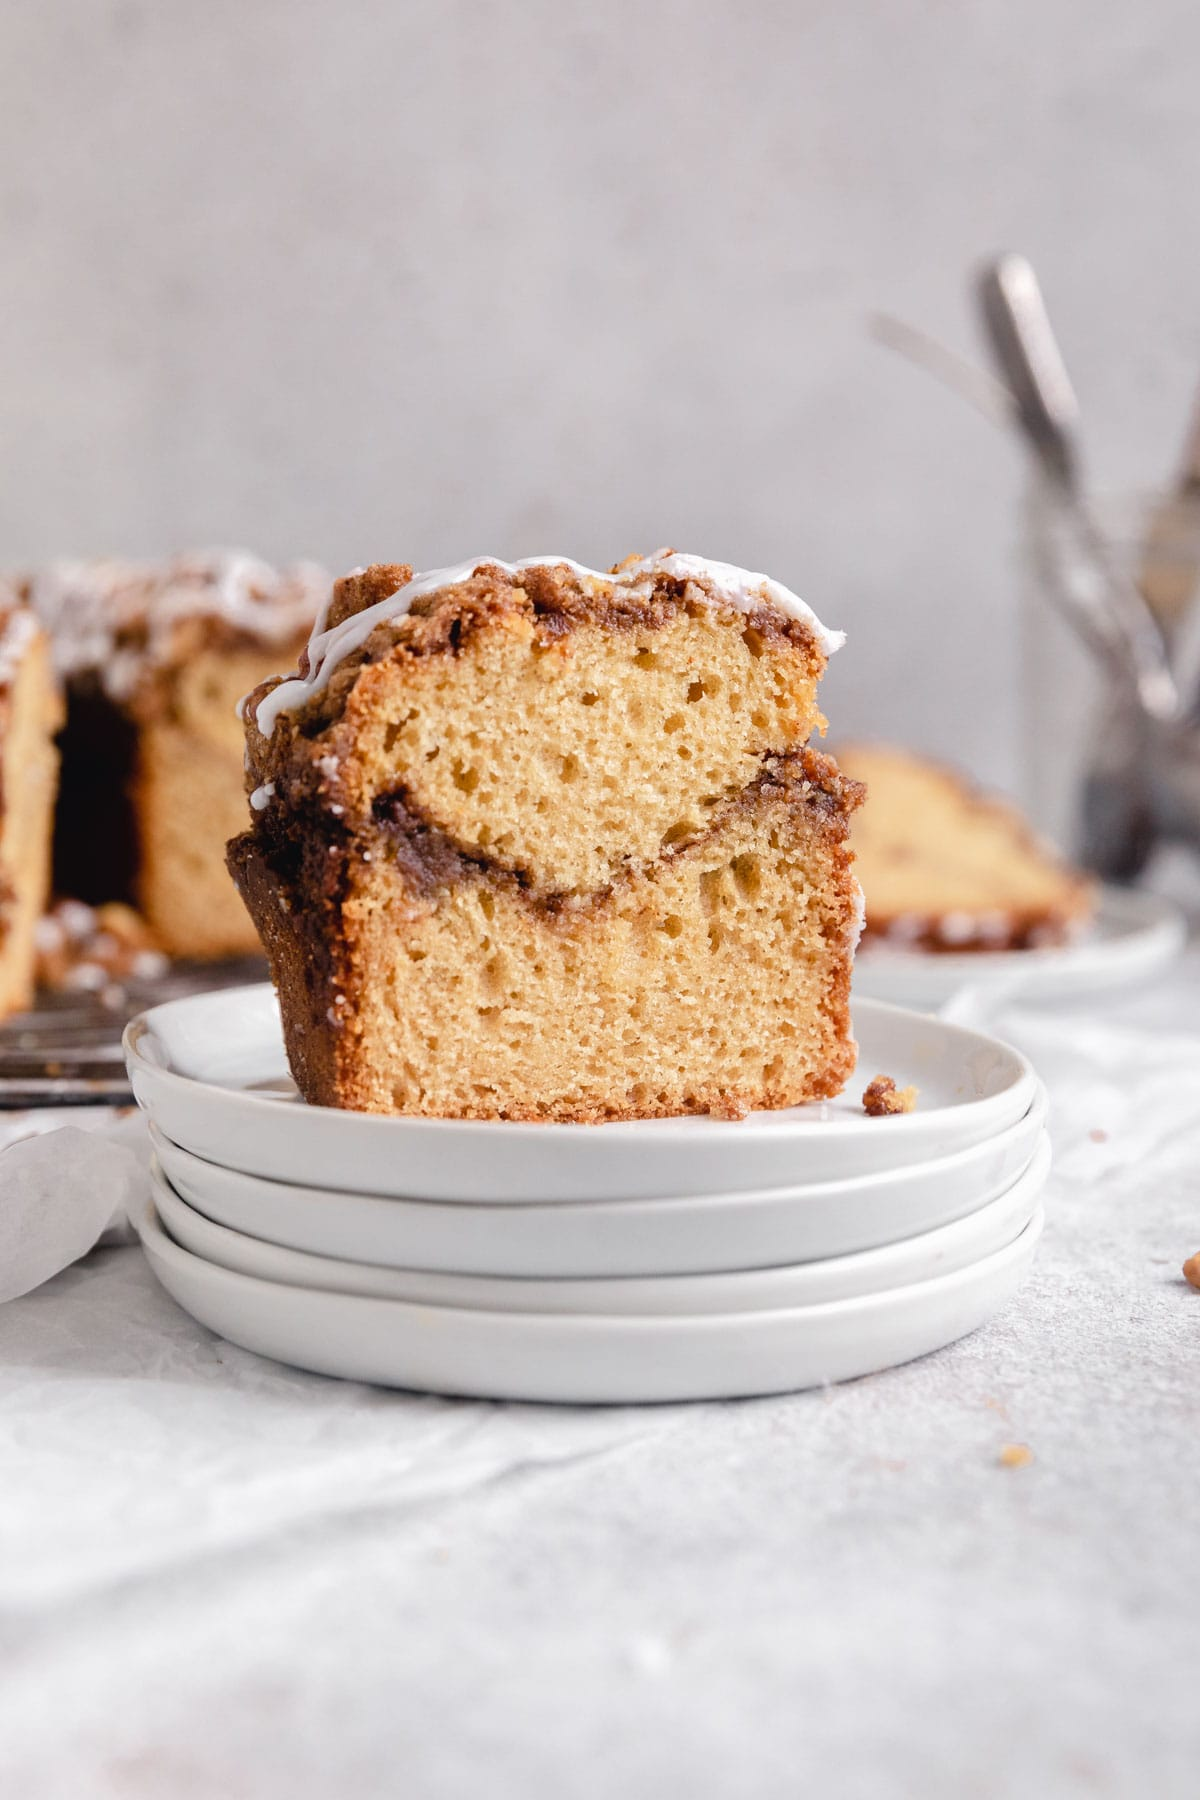 tranche de gâteau au café avec tourbillon de sucre à la cannelle